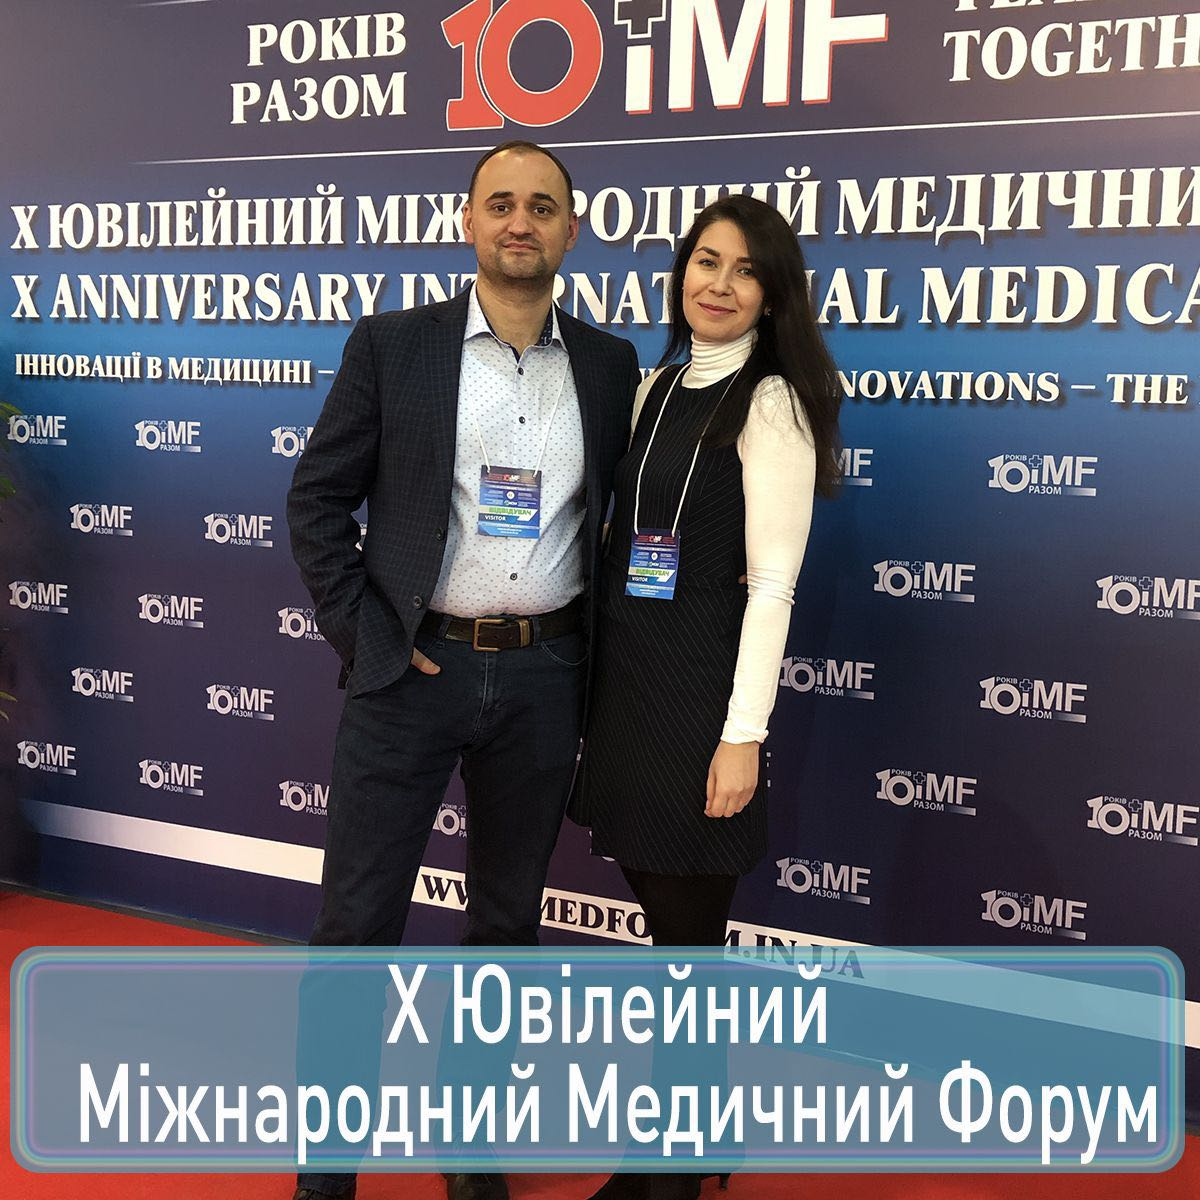 X Ювілейний Міжнародний медичний форум